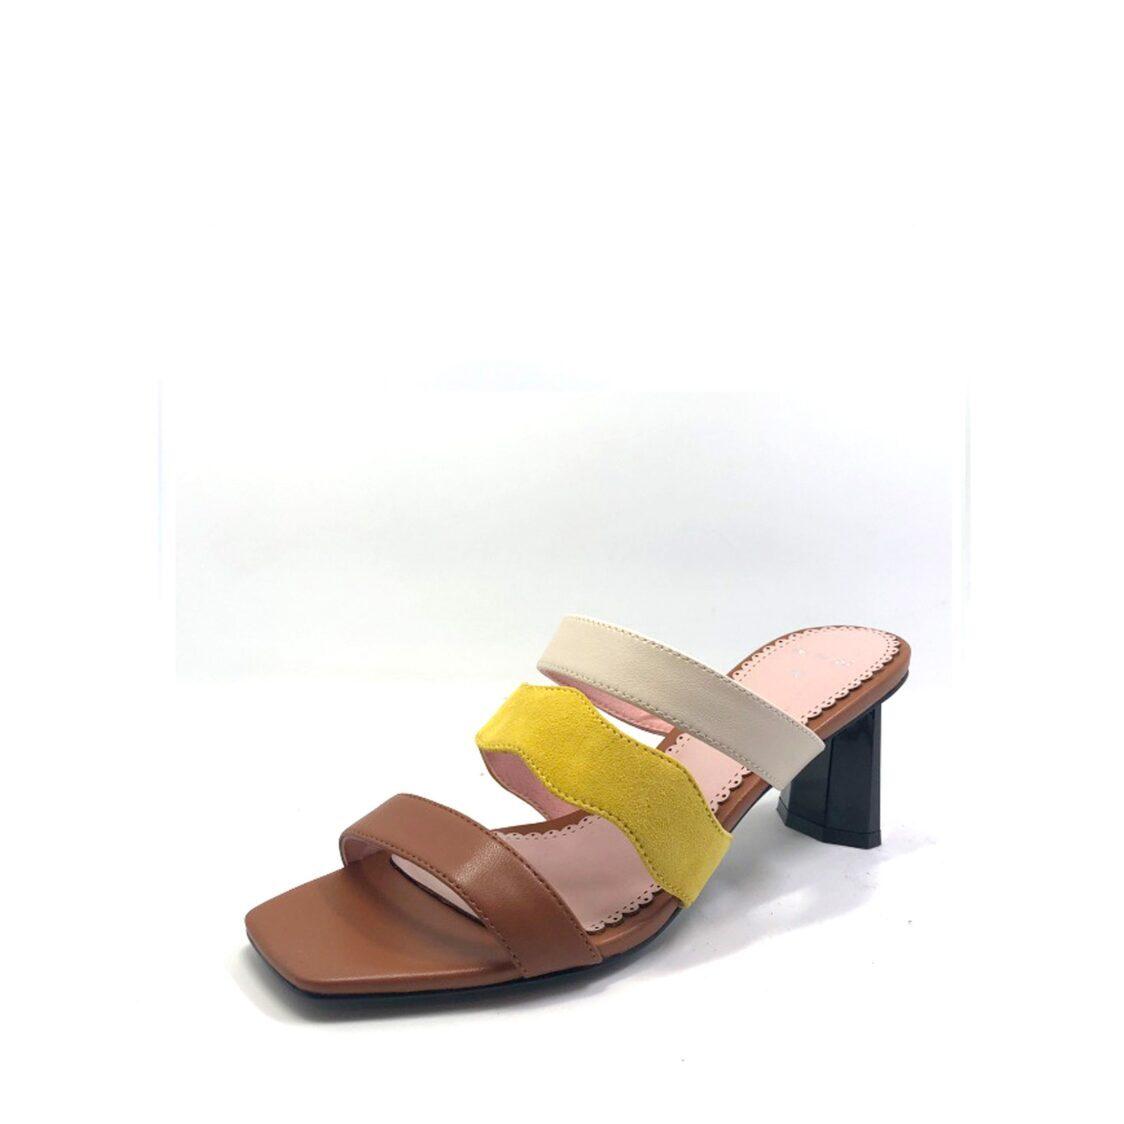 Martina Pink Colorblock High Heel Slip-On Tan